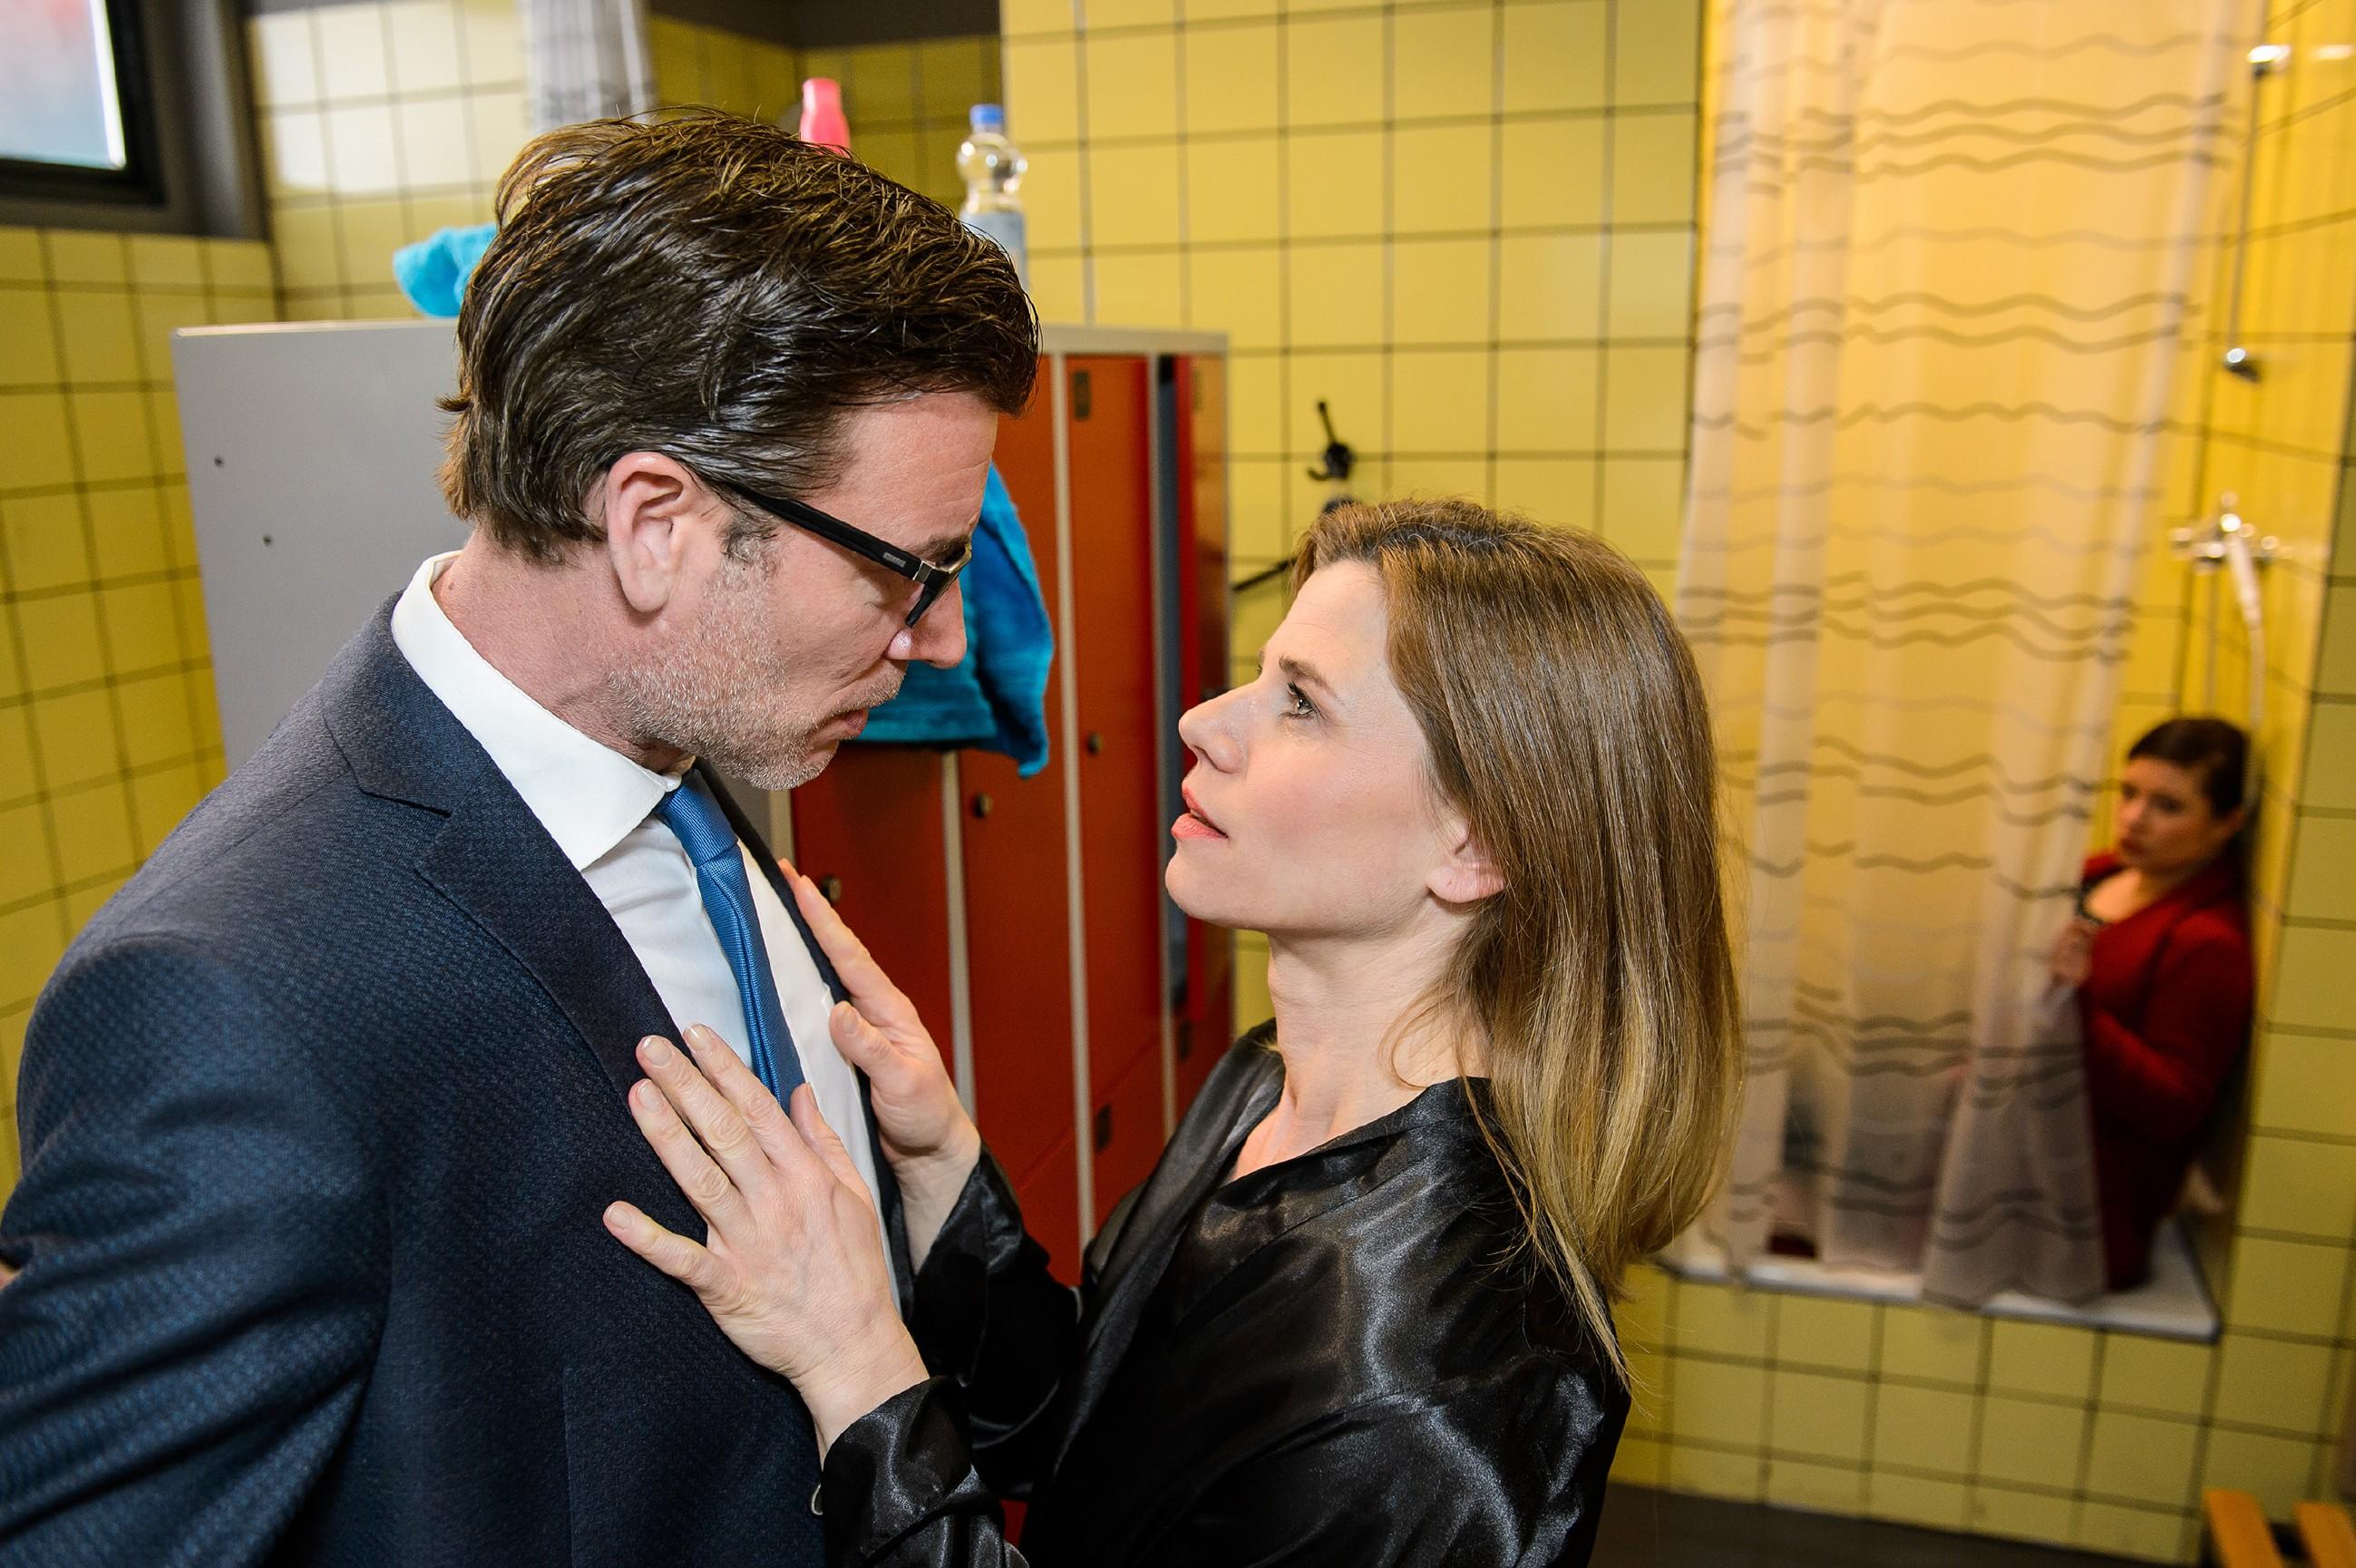 Vanessa (Julia Augustin, r.) beobachtet gespannt, ob Christoph (Lars Korten) sich auf Annes (Alexandra Seefisch) Anmache einlassen wird... (Quelle: RTL / Willi Weber)